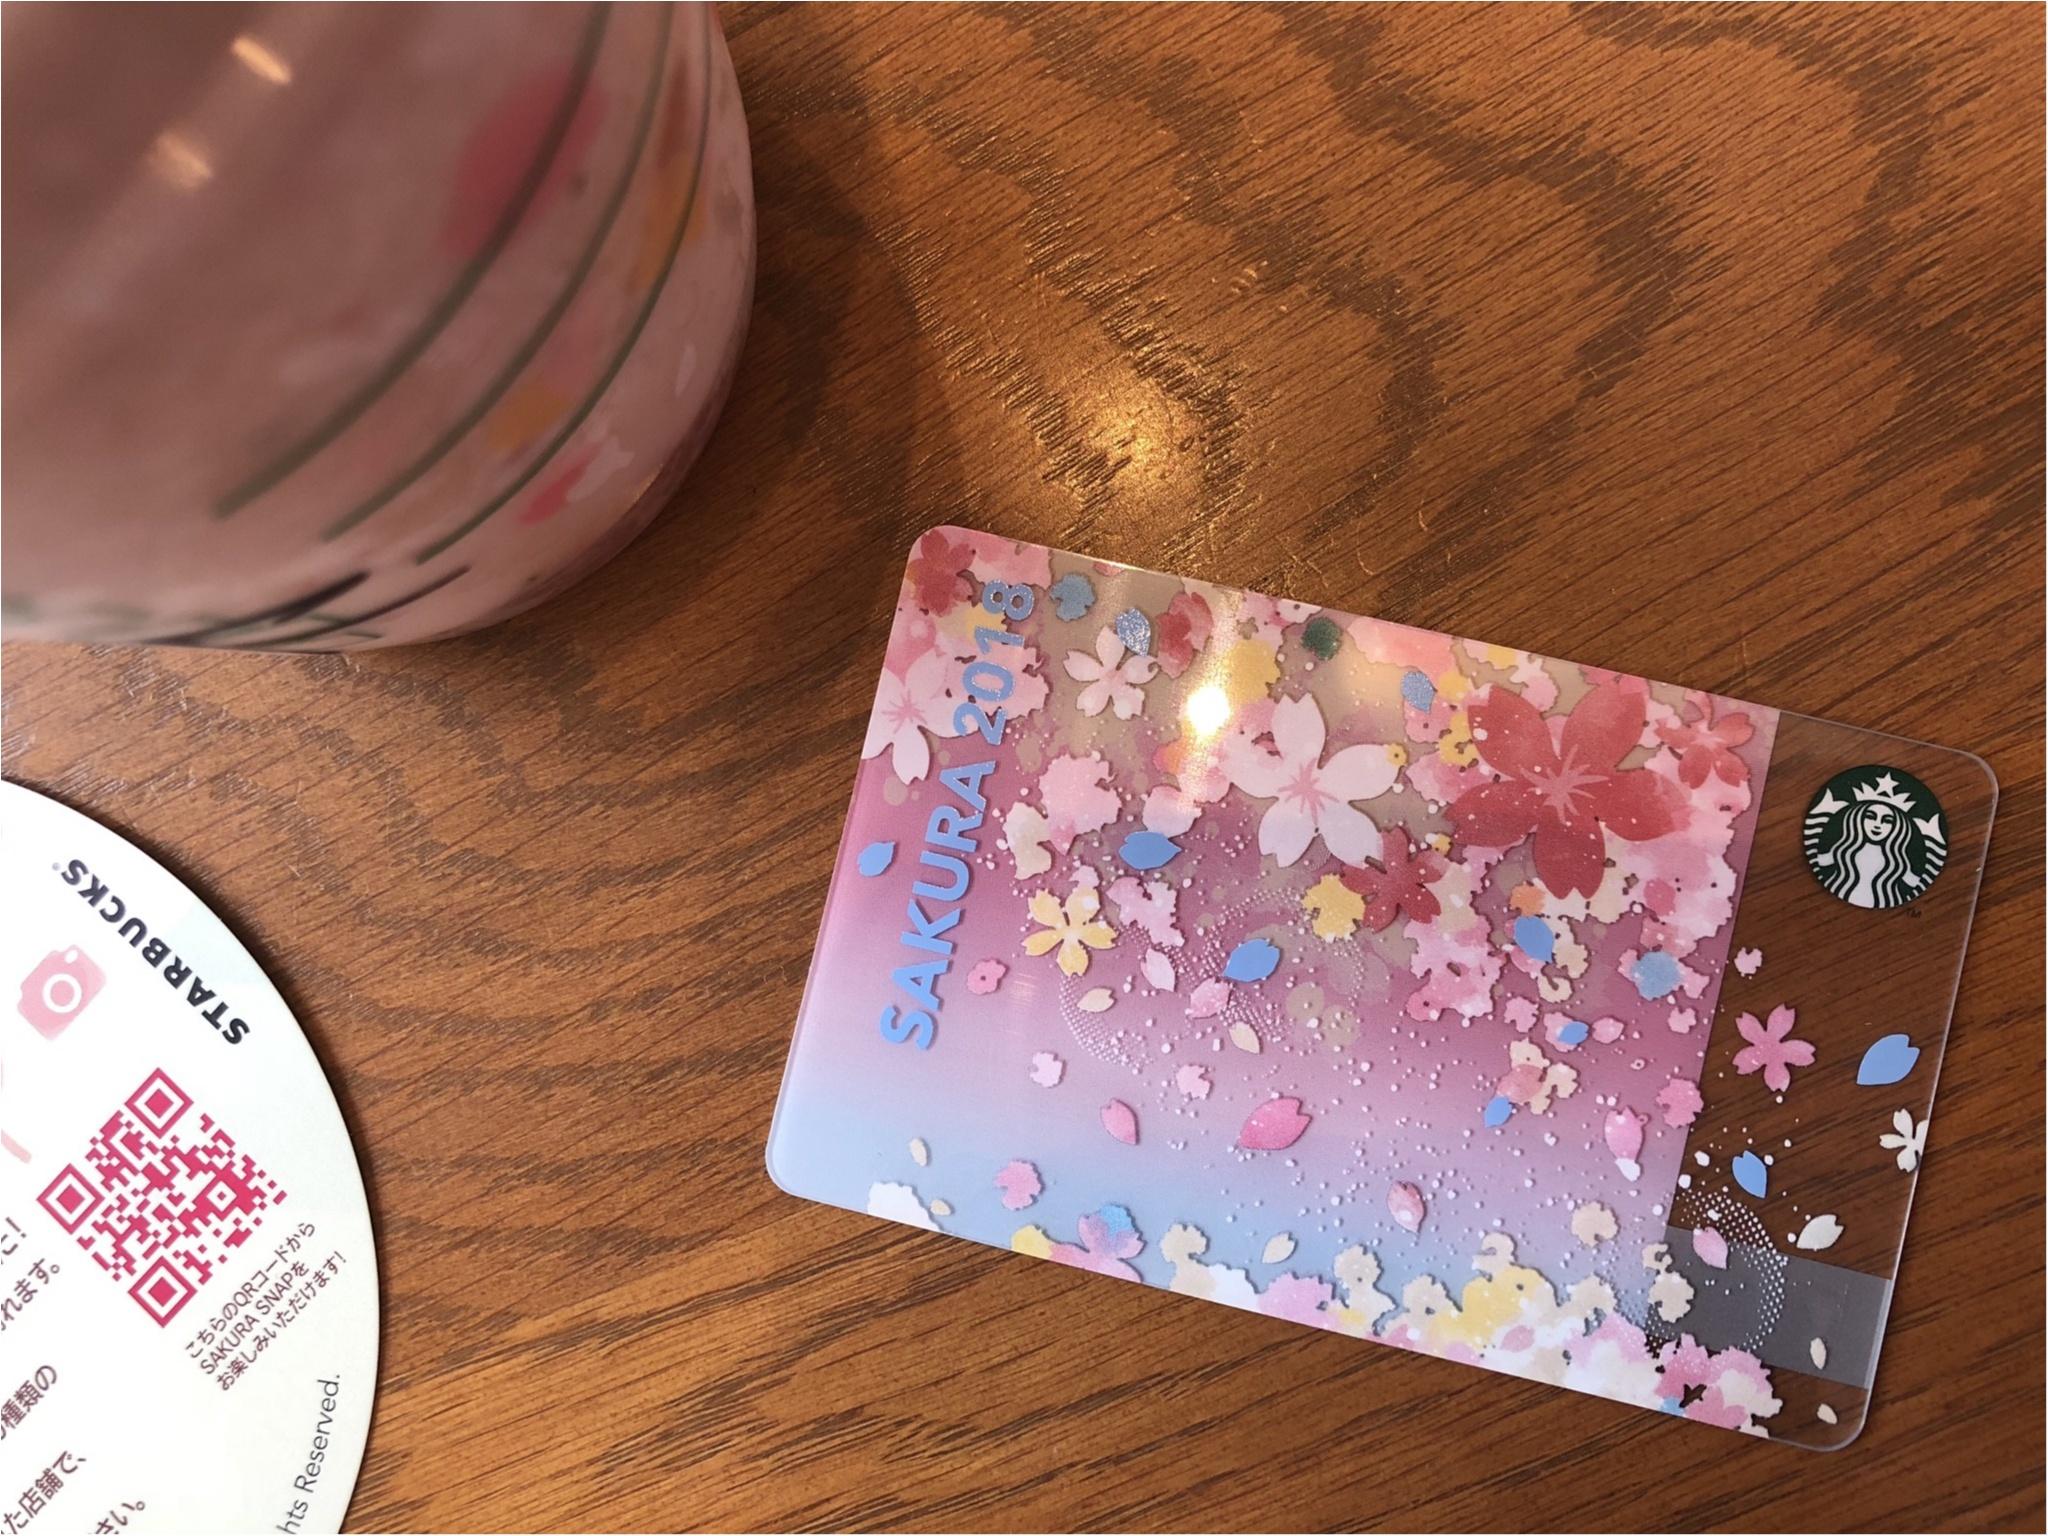 【スタバ】今年も桜の季節がやってきた❤️《さくらストロベリーピンクもちフラペチーノ》は新感覚のおいしさ!_4